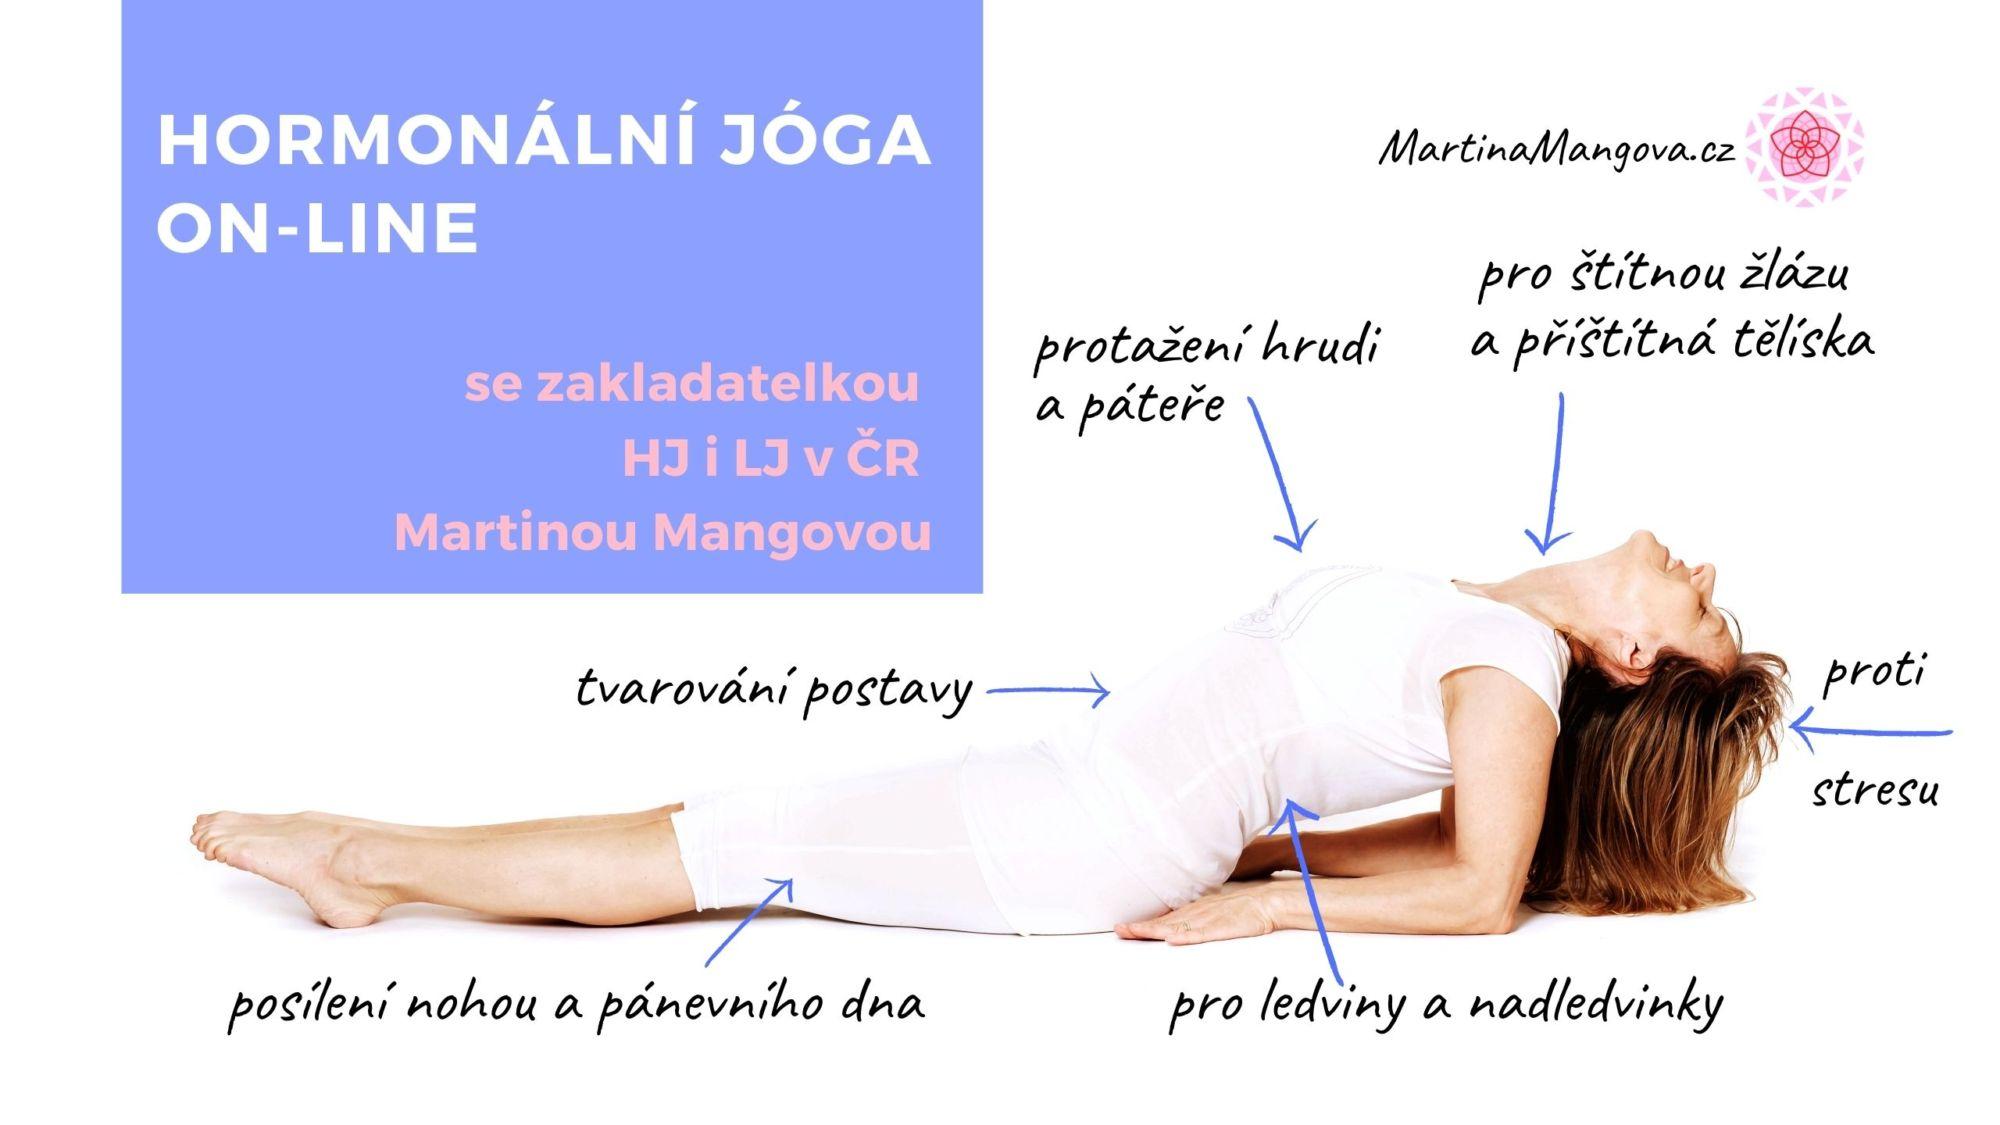 Platba zaonline Hormonální jógu